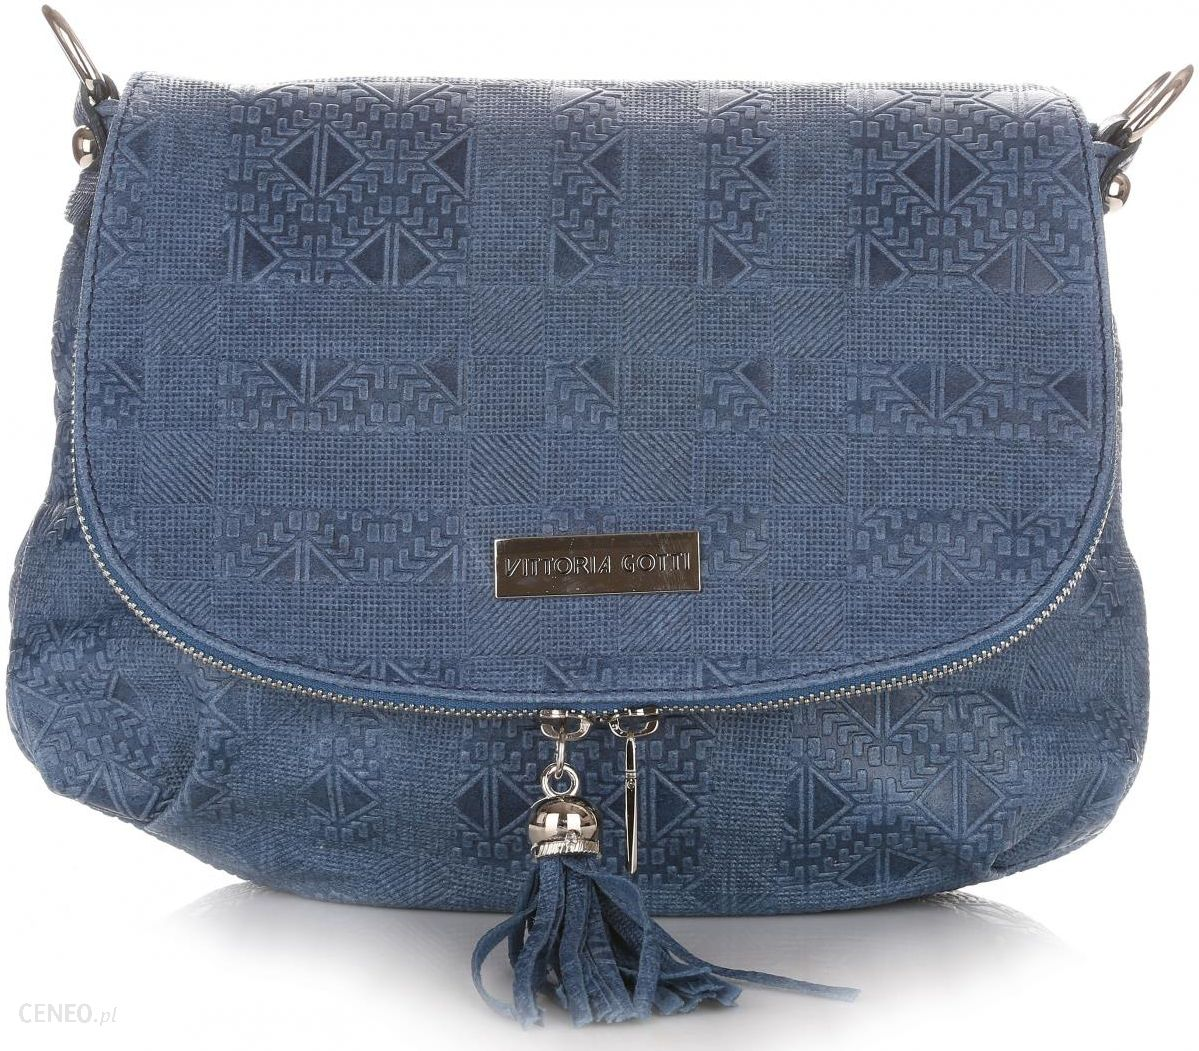 73fdfa9ff8806 Firmowe Torebki Listonoszki Skórzane Vittoria Gotti Made in Italy Niebieska  (kolory) - zdjęcie 1